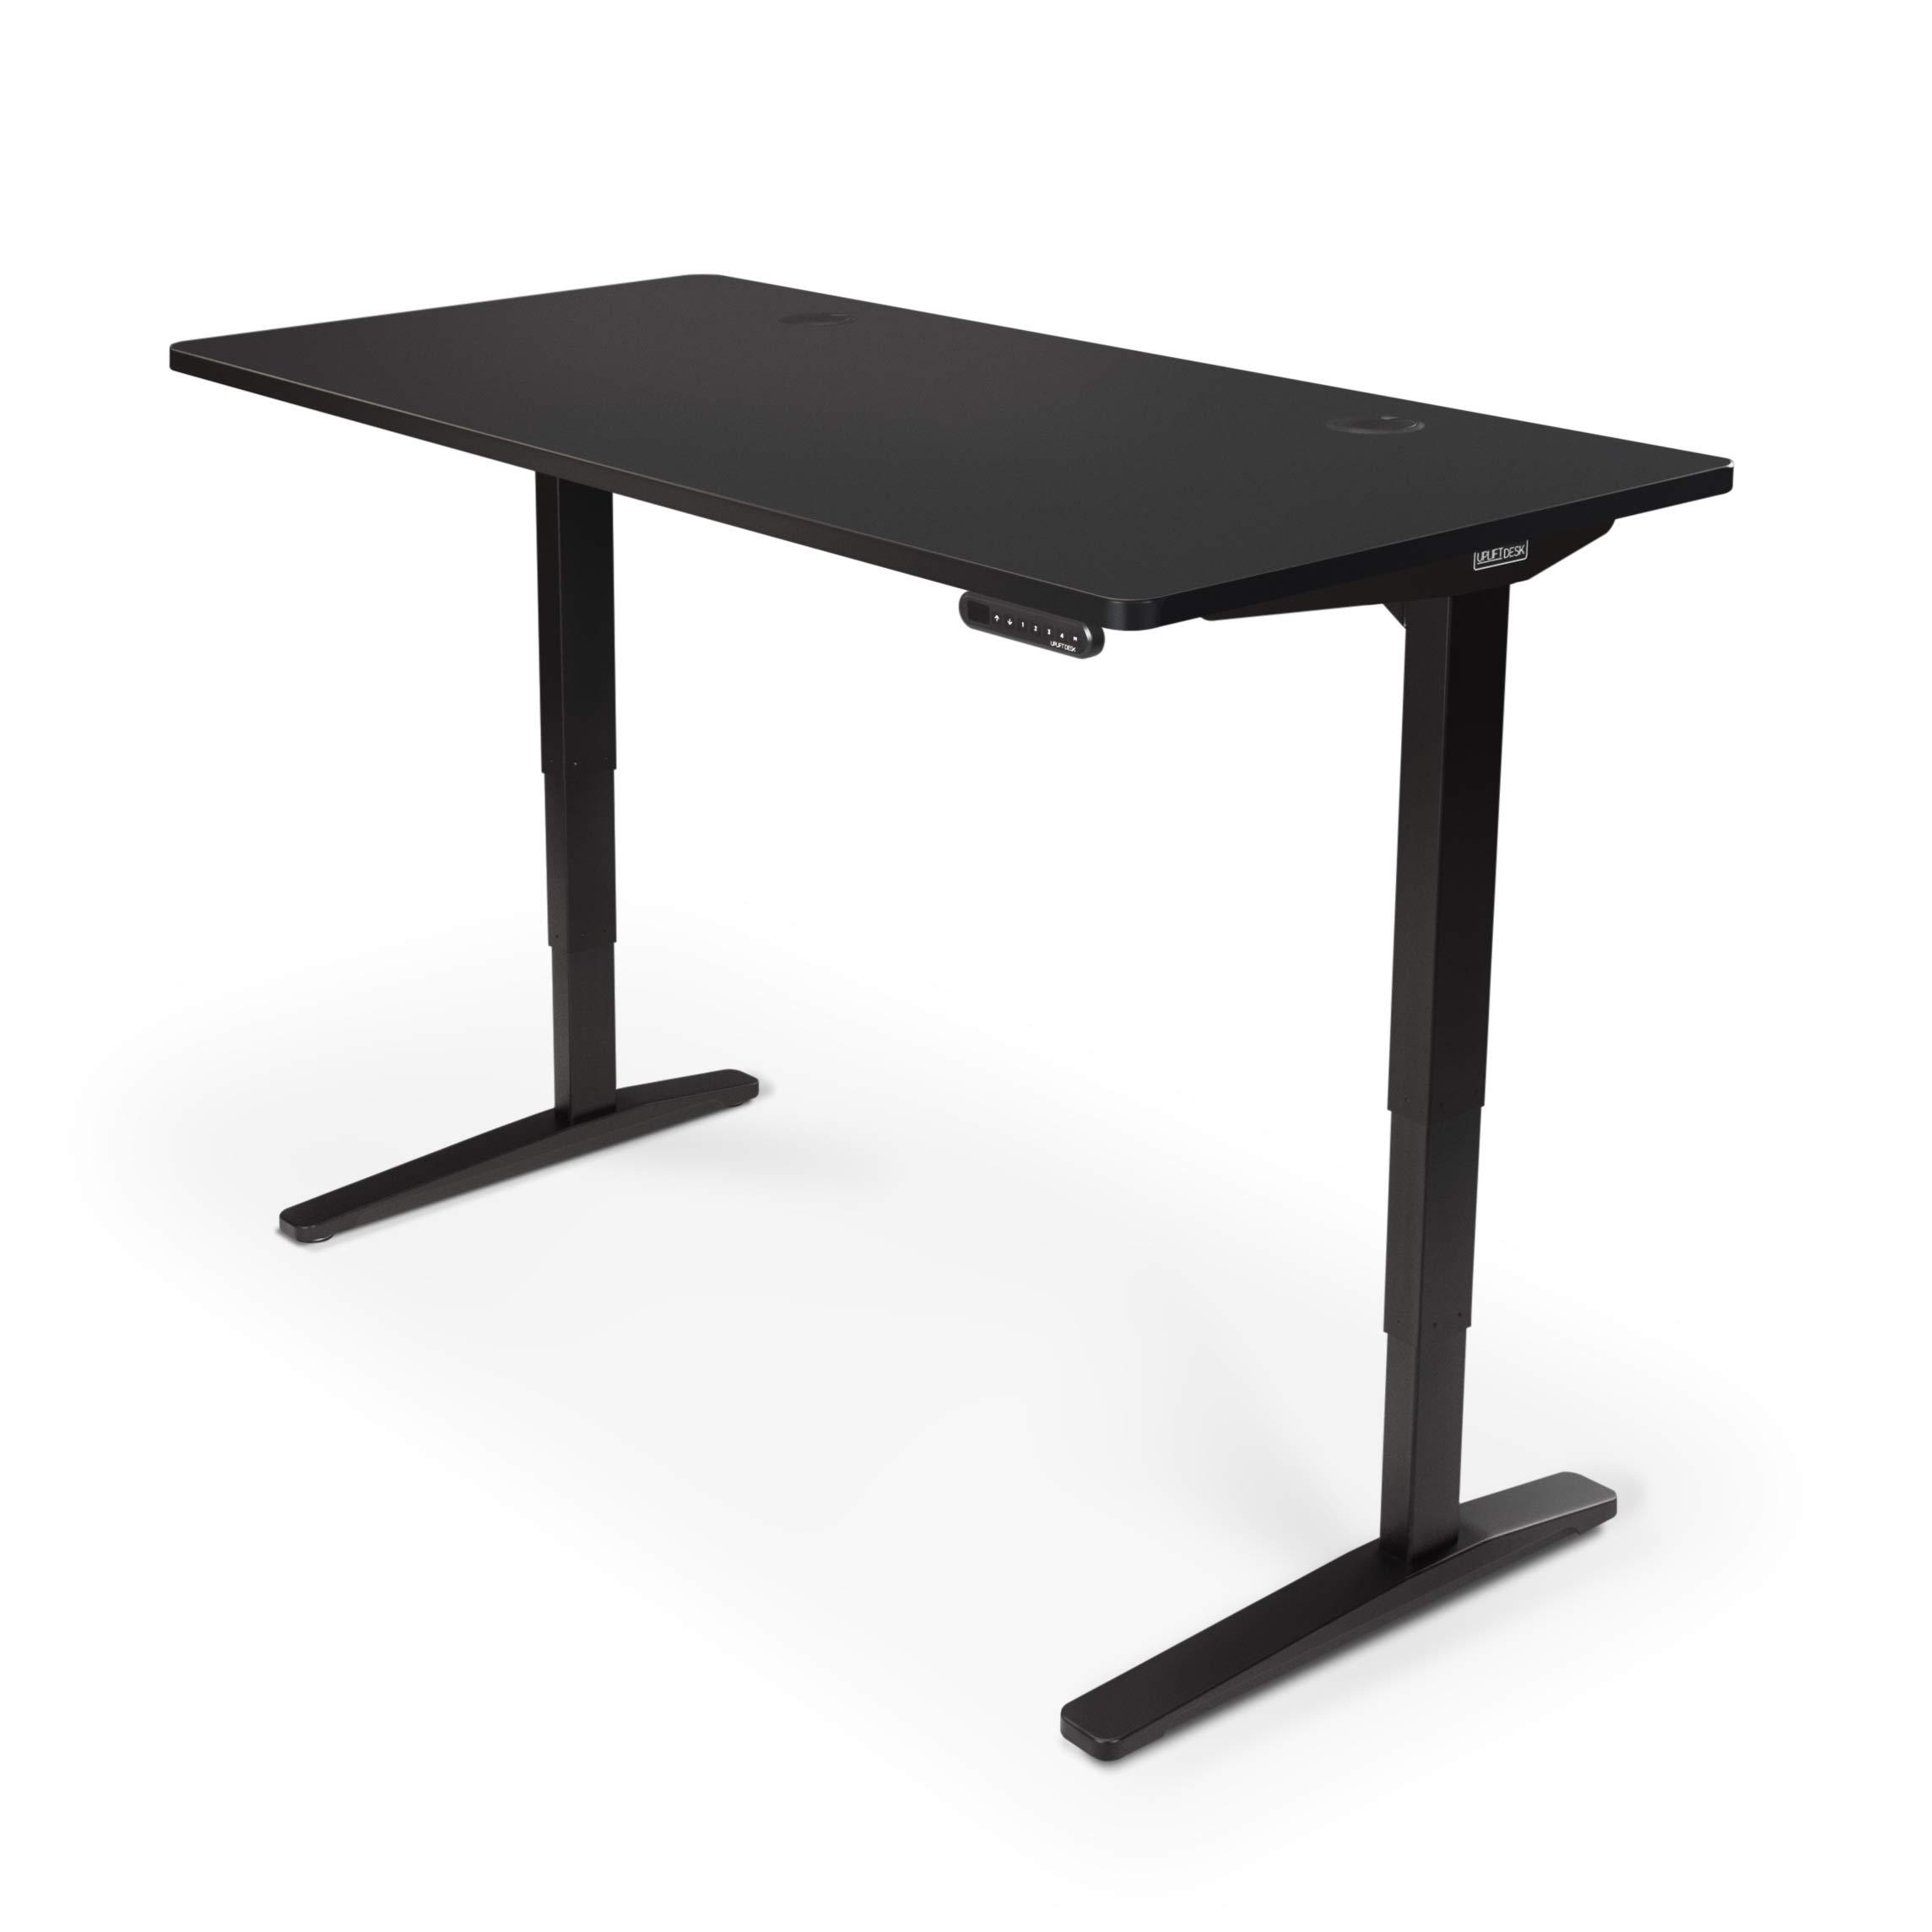 UPLIFT Desk - V2 Standing Desk with Black GREENGUARD Laminate Desktop, Height Adjustable Frame (Black), Advanced Memory Keypad & Wire Grommets (Black), Bamboo Motion-X Board (60'' x 30'') by UPLIFT Desk